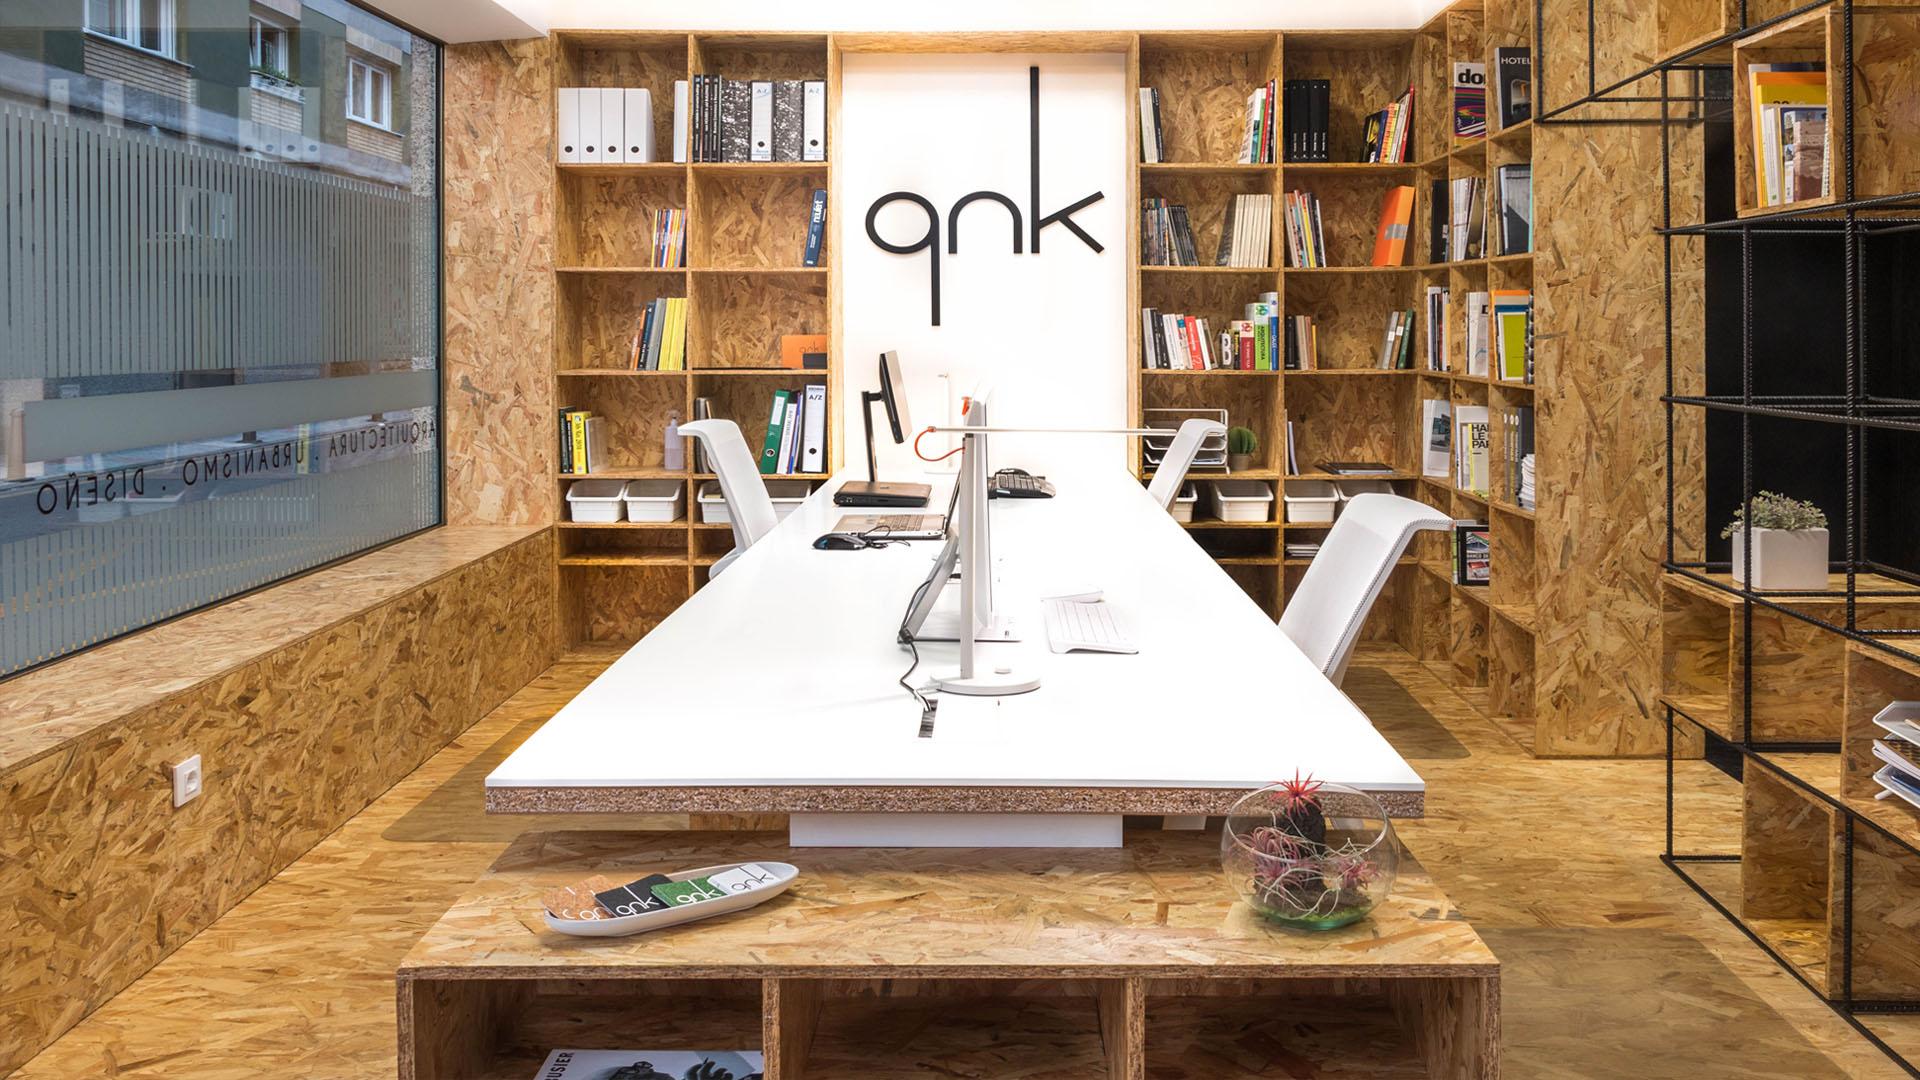 Slider estudio qnk Zona de trabajo